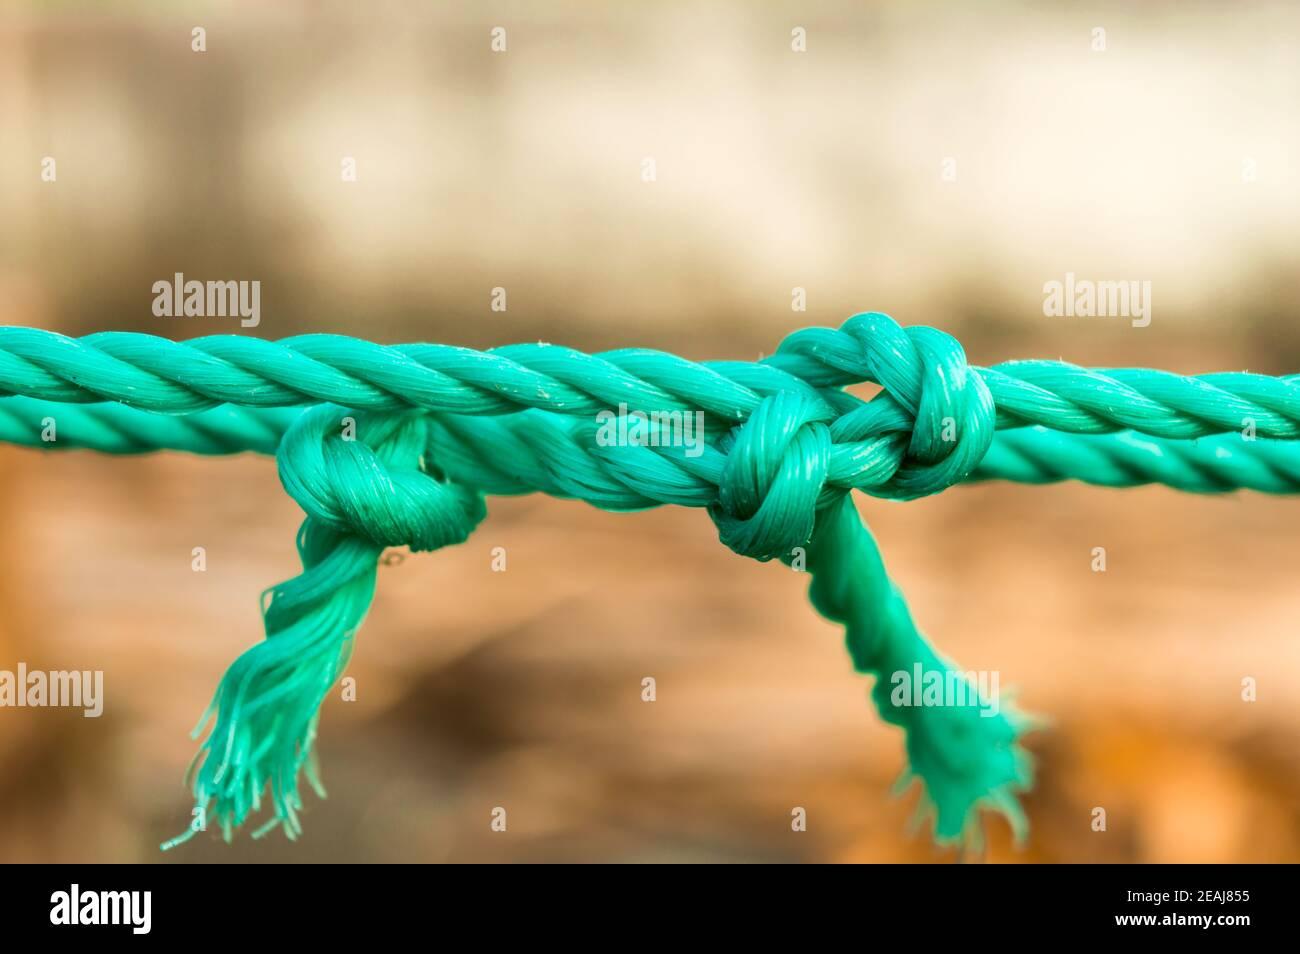 Cuerda nudo de amarre cierre. Cuerda con un nudo atado en el medio aislado del fondo. Un símbolo de confianza, fuerza, seguridad y apoyo a la fe y el concepto de unión. Fotografía conceptual ilustrativa Foto de stock